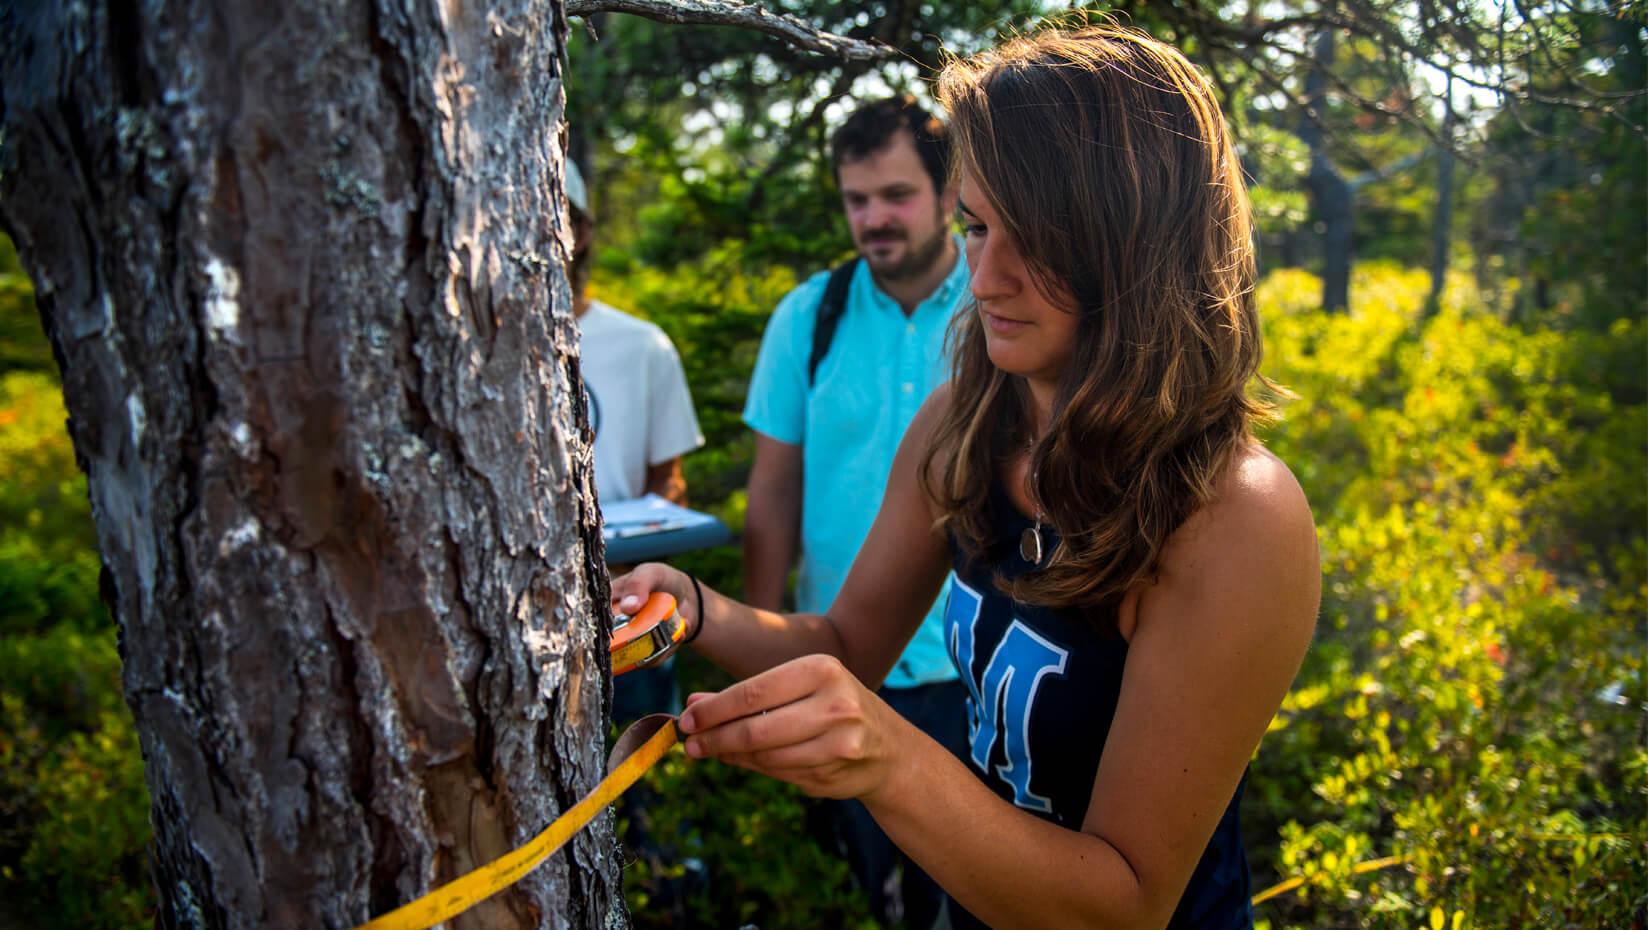 schoodic ees undergraduate research